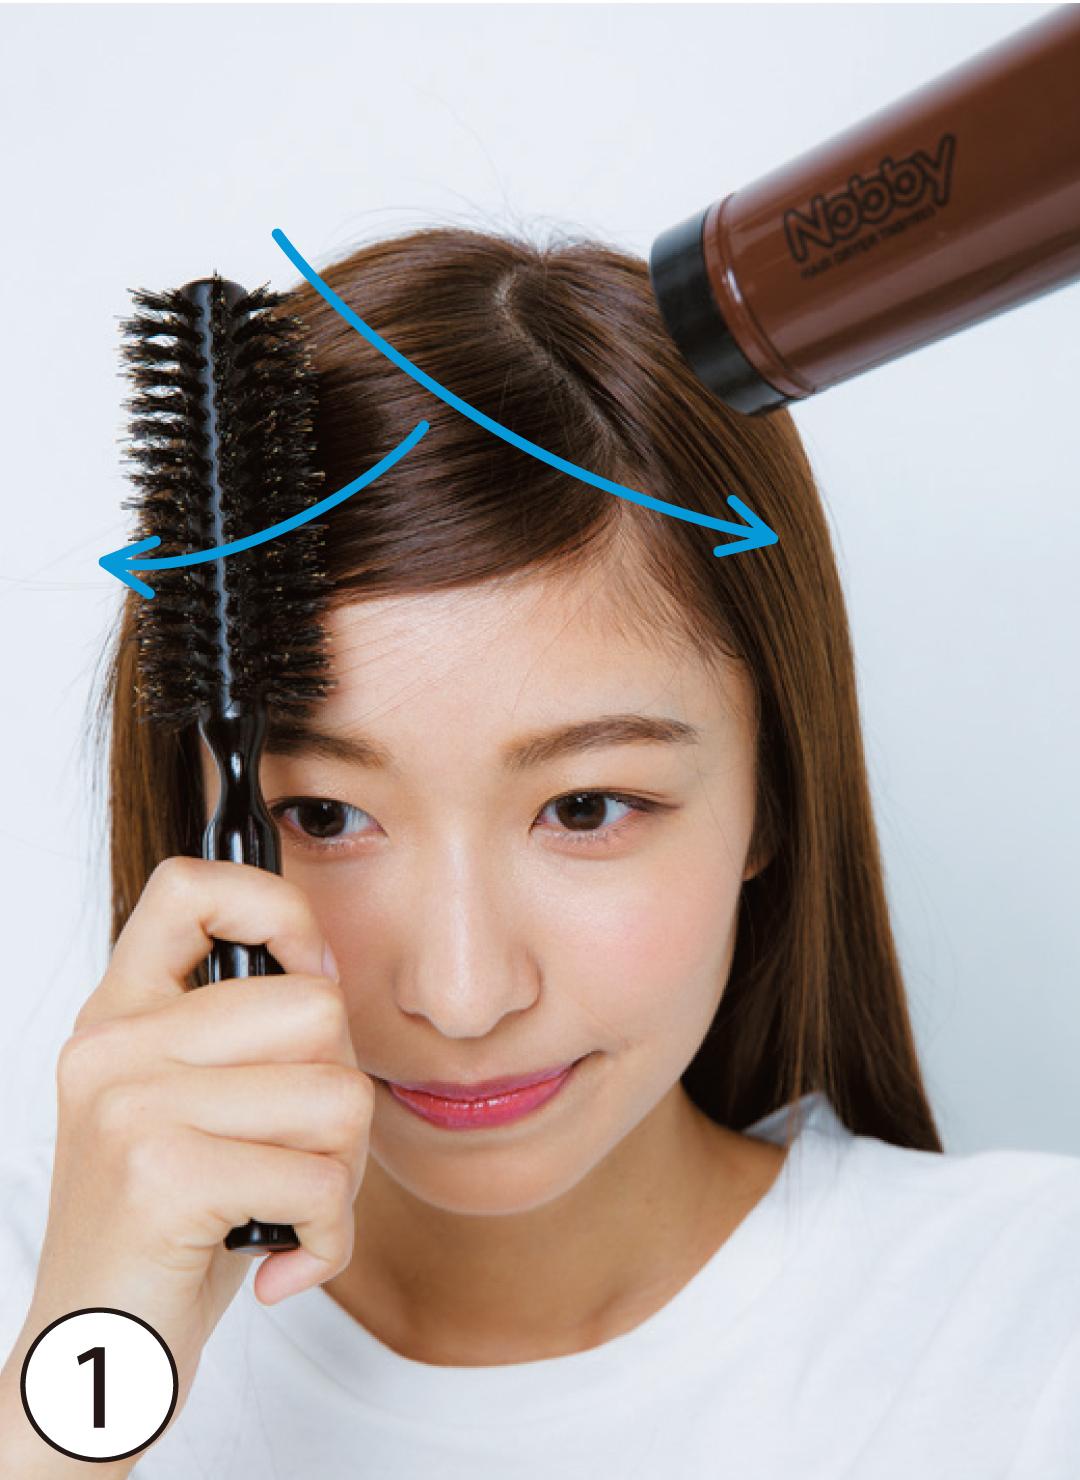 ①前髪を左右両方に流しながらドライ 面長さんは、前髪に分け目を作らないのがポイント! 基本のスタイリング①では、左右両サイドに流してドライし、生えグセを直しておくこと。